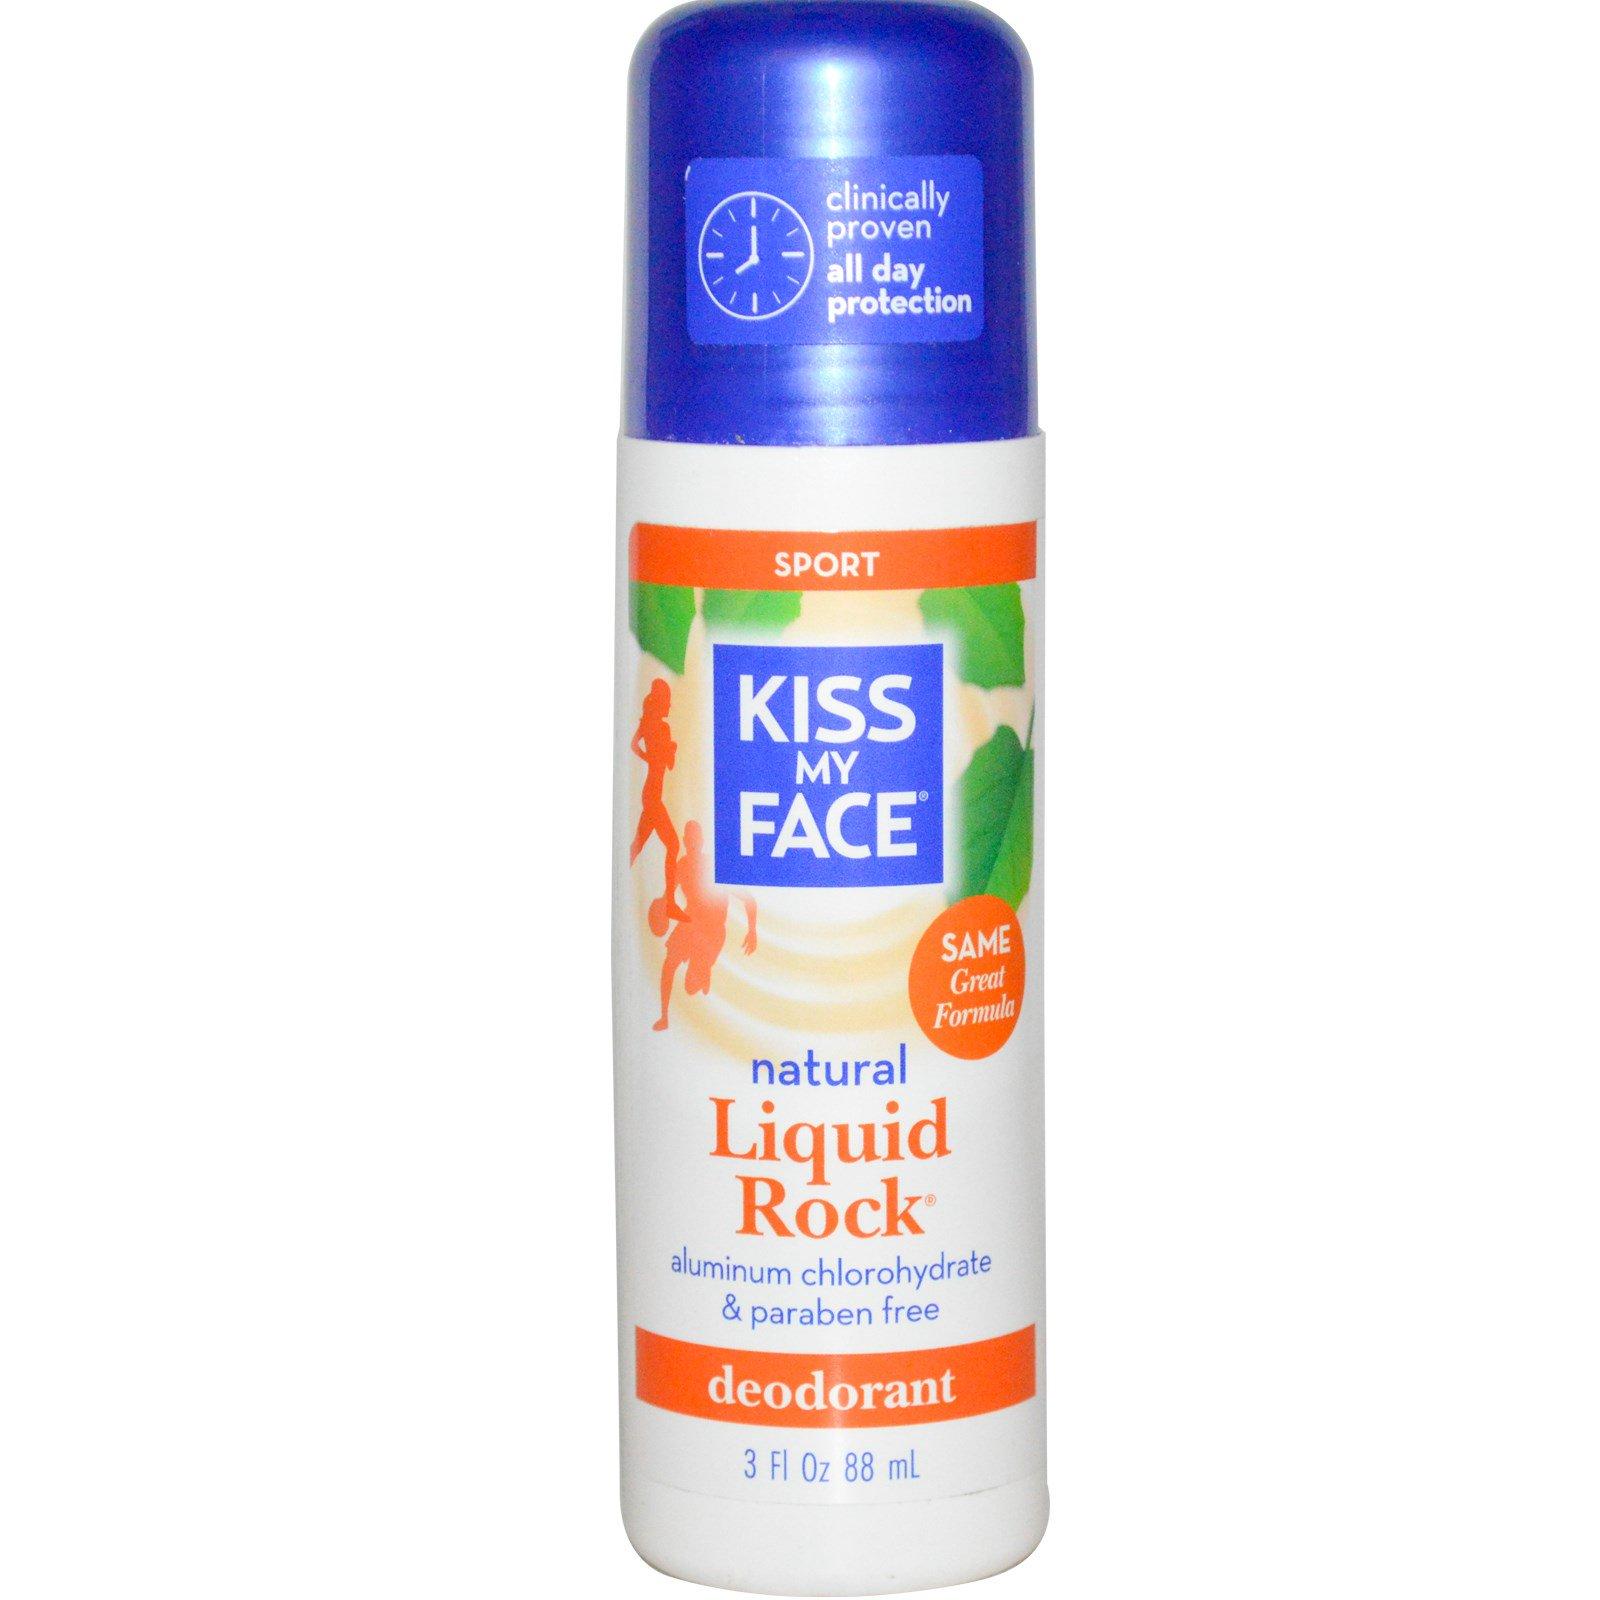 Kiss My Face, Натуральный дезодорант Liquid Rock, для спорта, 3 жидких унции (88 мл)